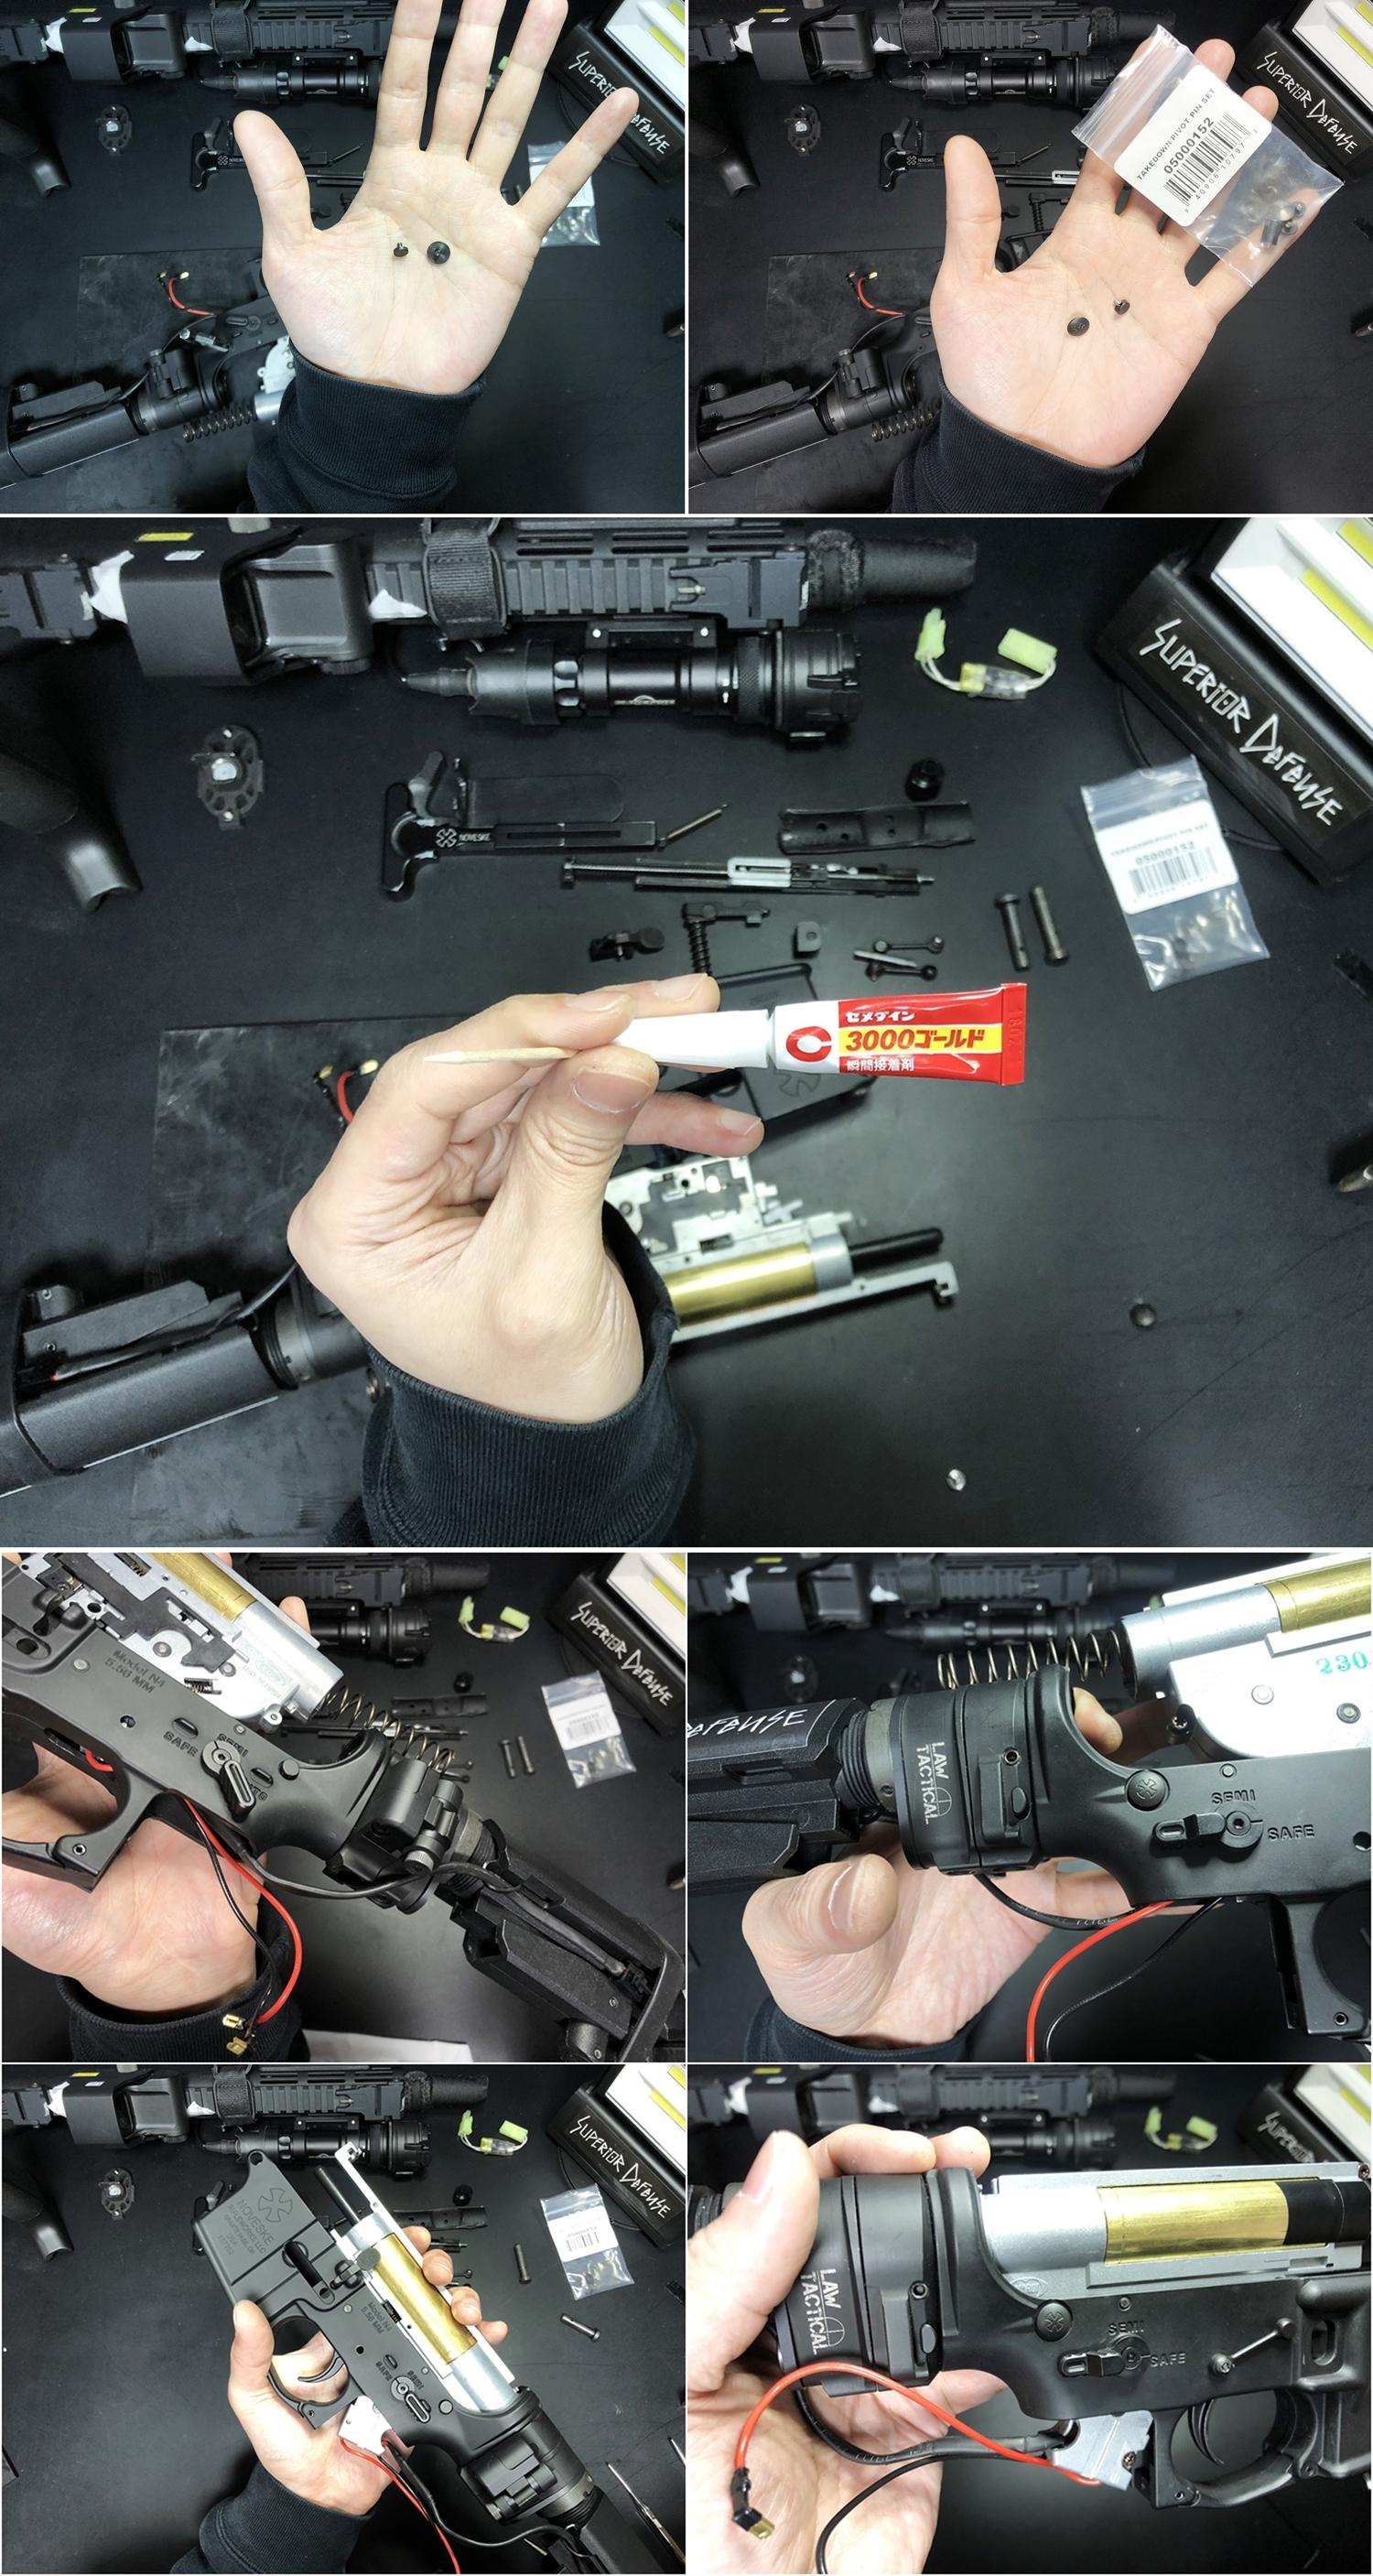 20 実物 NOVESKE AR-15 TAKEDOWN & PIVOT STEEL PIN!! 実物ピンを次世代M4へ対応させるべく簡易的DIY加工だ!ノベスケ ノベスキー スチール テイクダウン ピポッドピン! DIY 加工 カスタム 簡易的 旋盤加工 取付 レビ